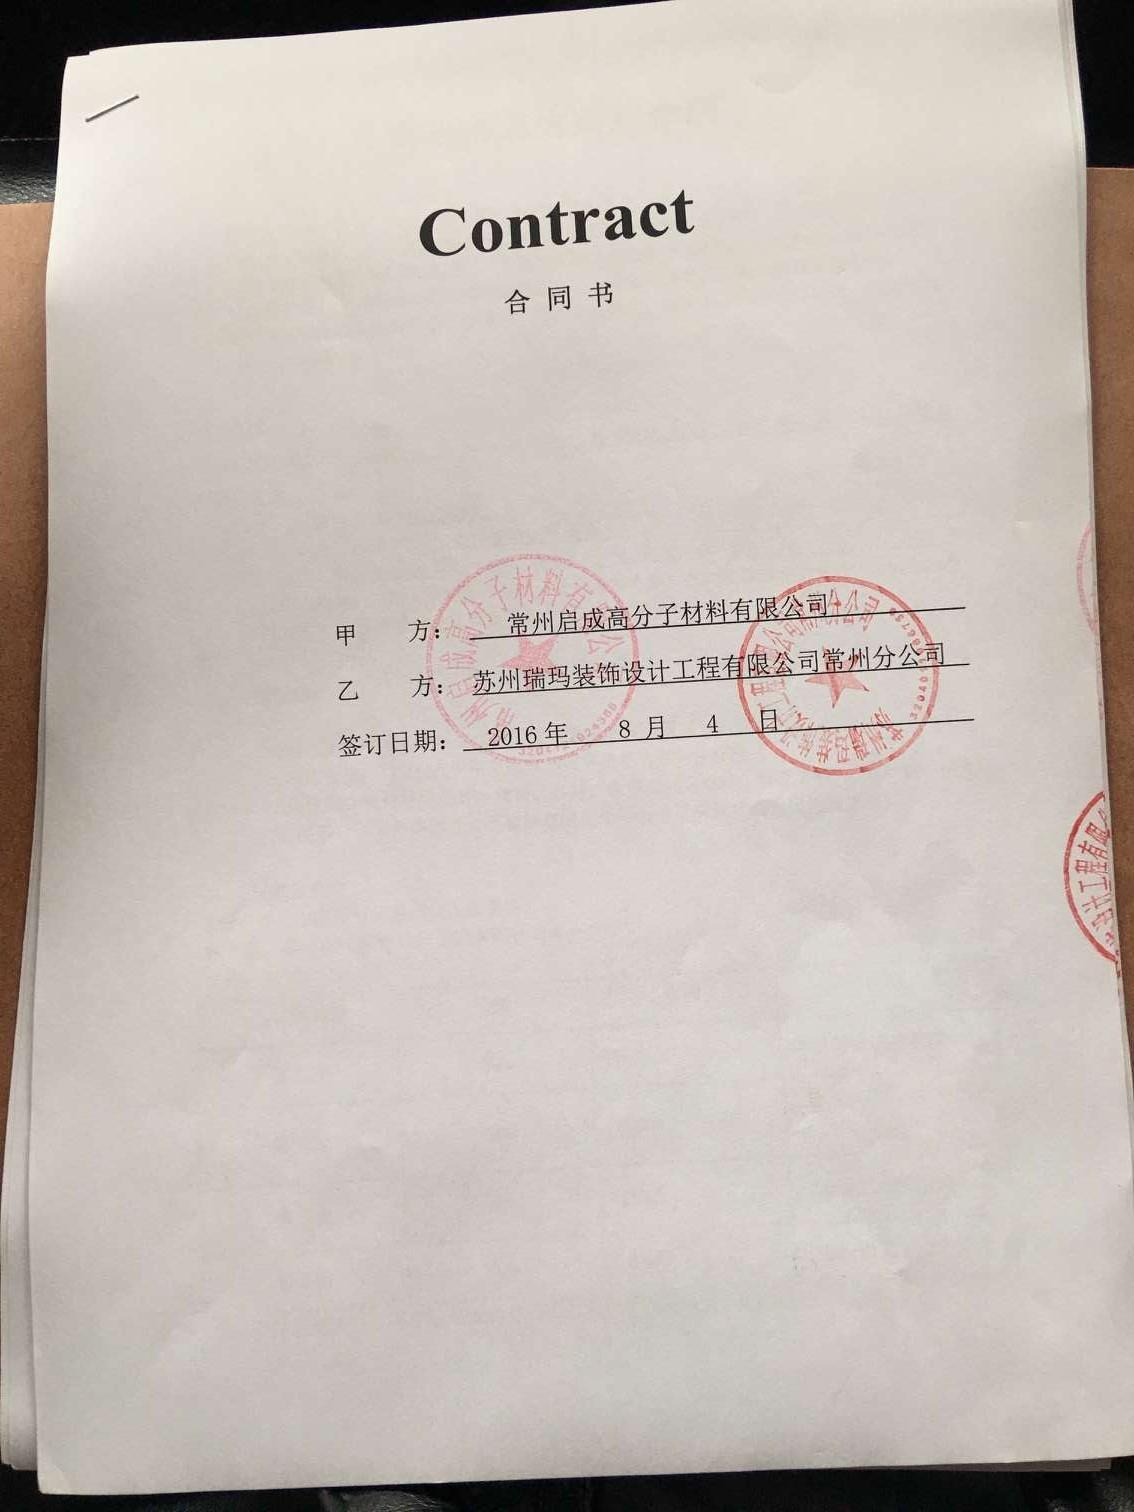 瑞玛装饰签约常州启成高分子公司厂房贝博唯一官网项目